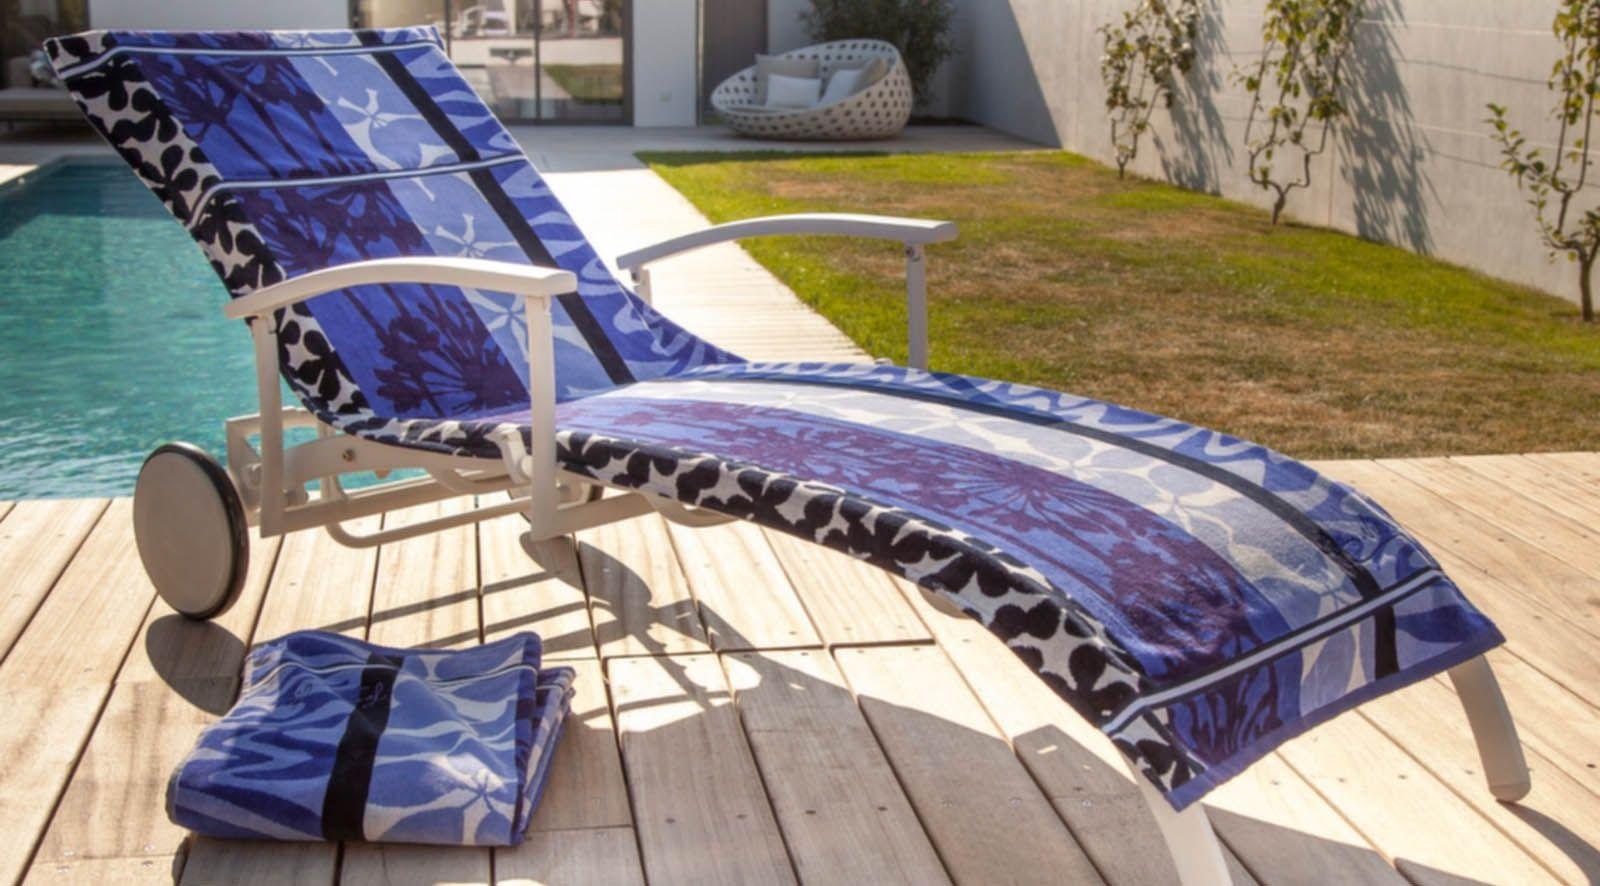 Housse universelle bain de soleil en coton belharra indigo - Housse bain de soleil ...